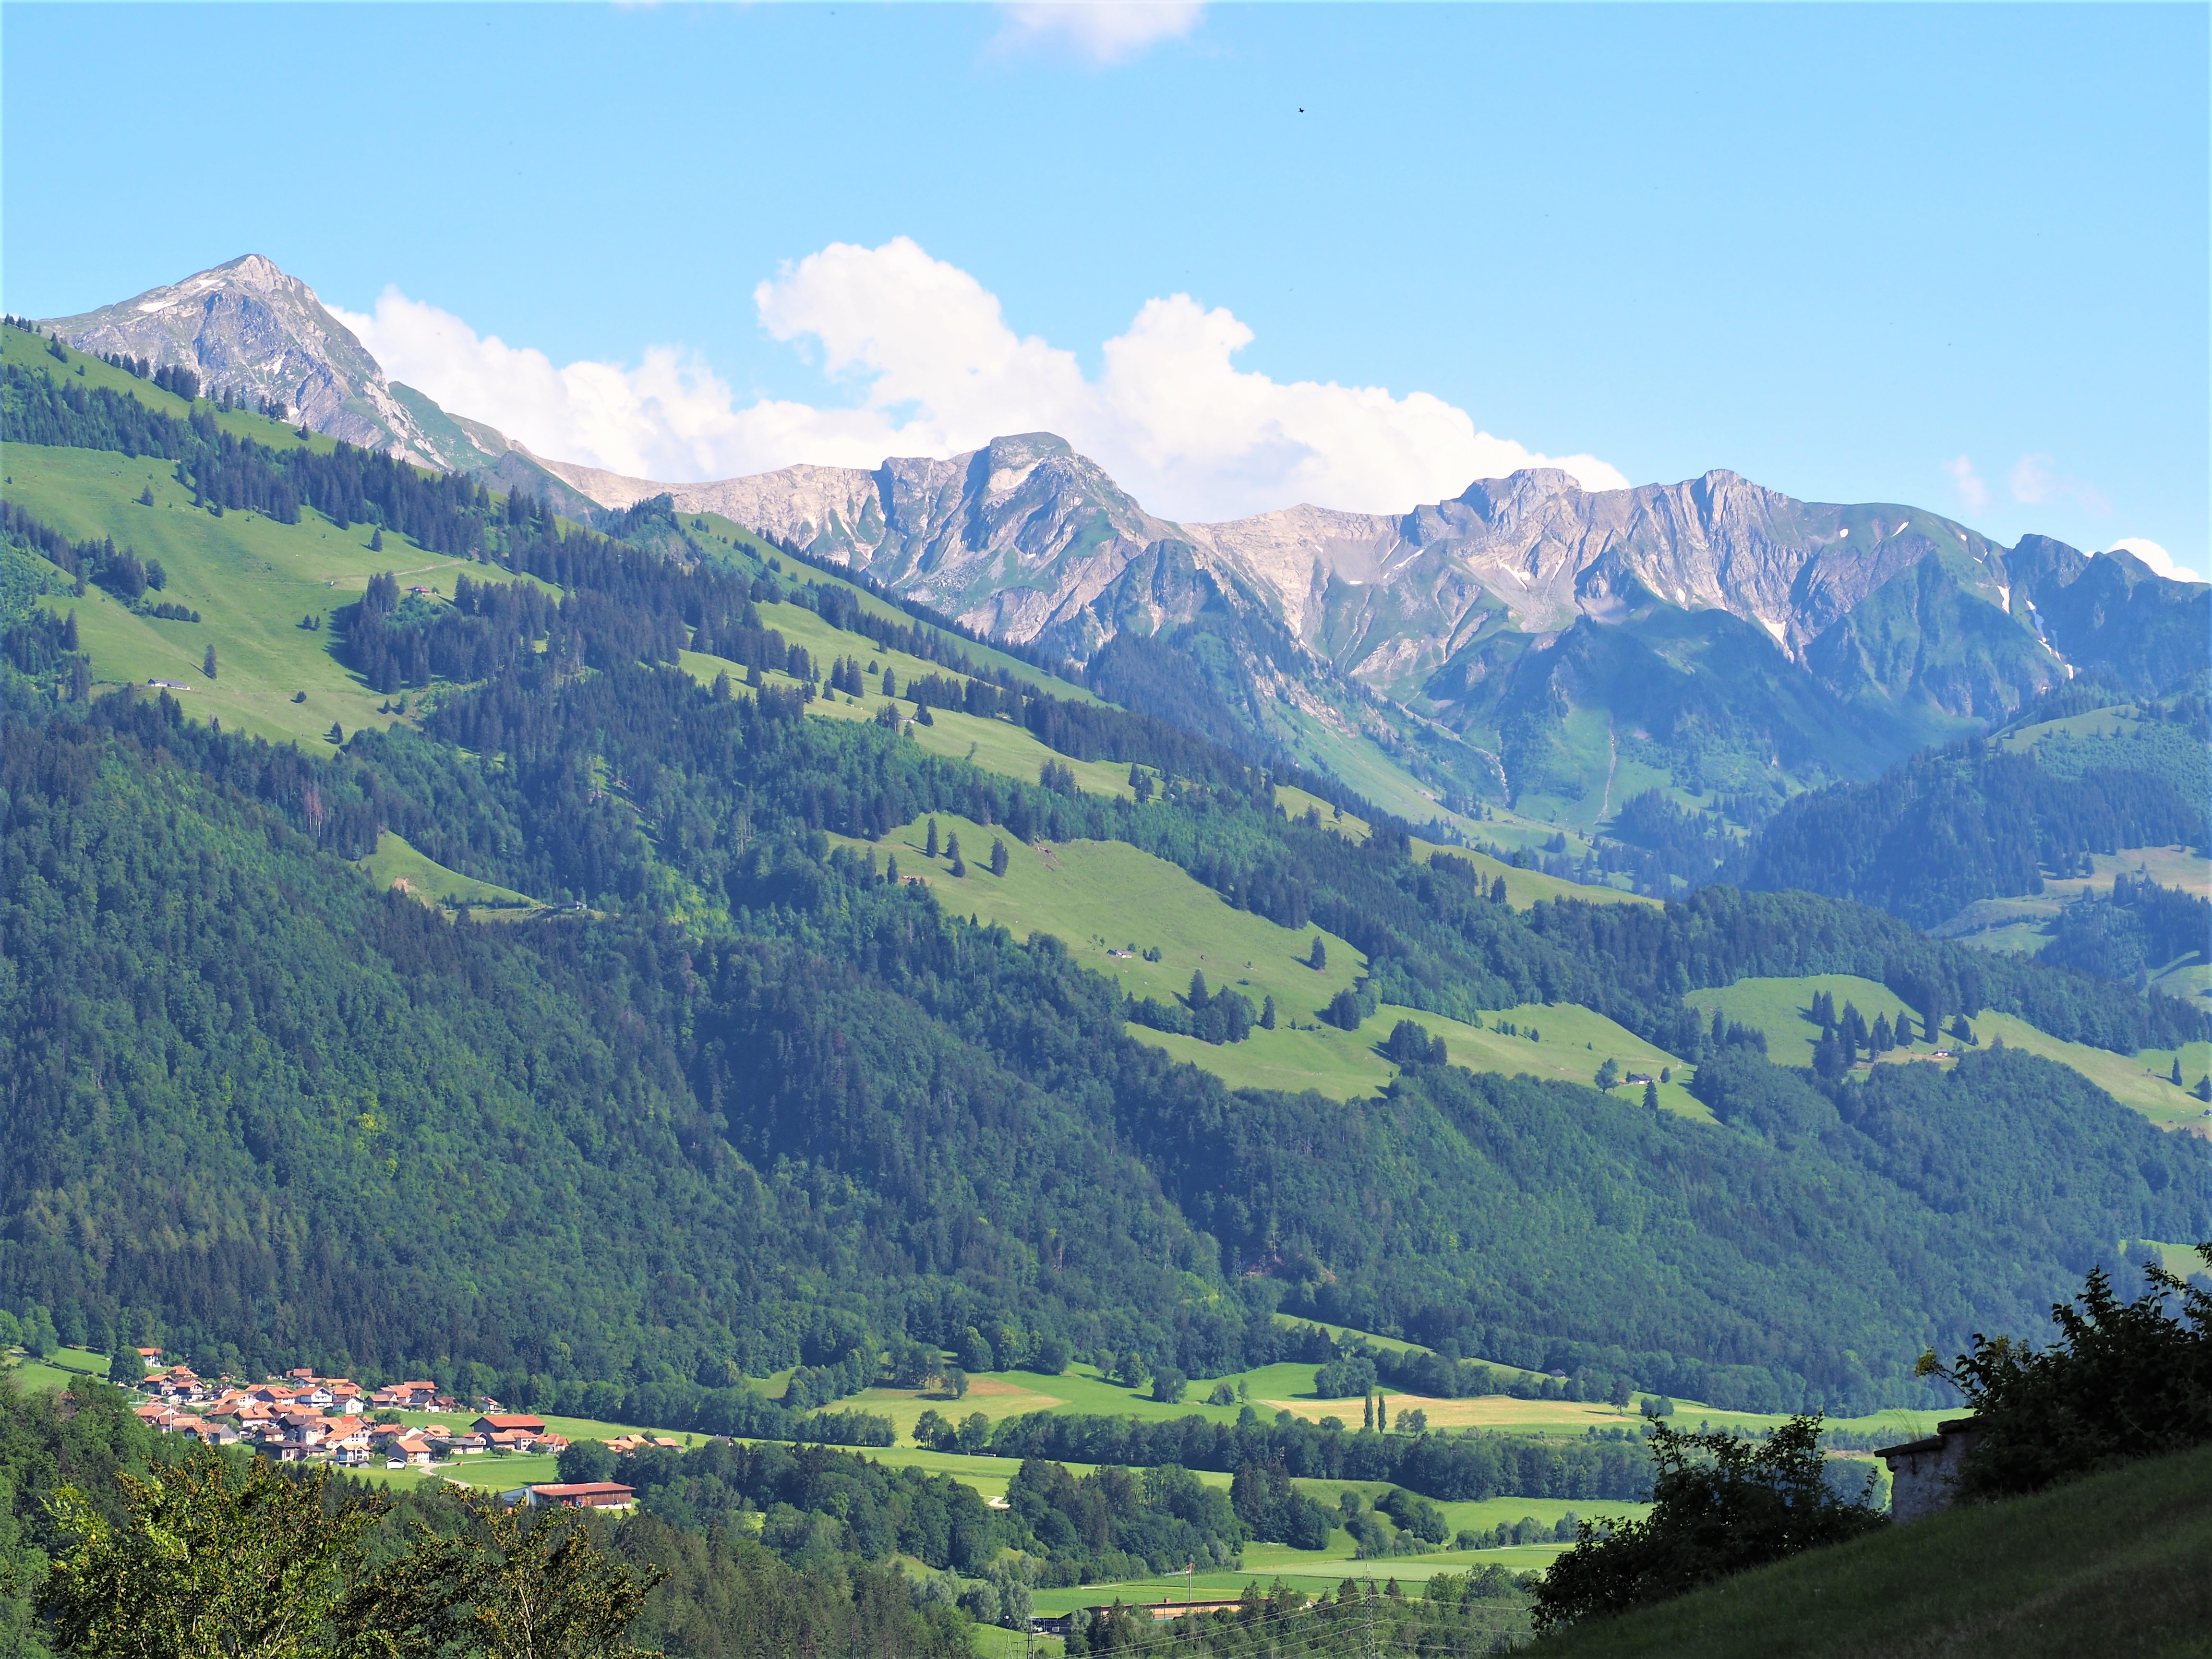 Visiter-Gruyères-canton-de-Fribourg-Suisse-paysage-depuis-le-château-clioandco-blog-voyages.